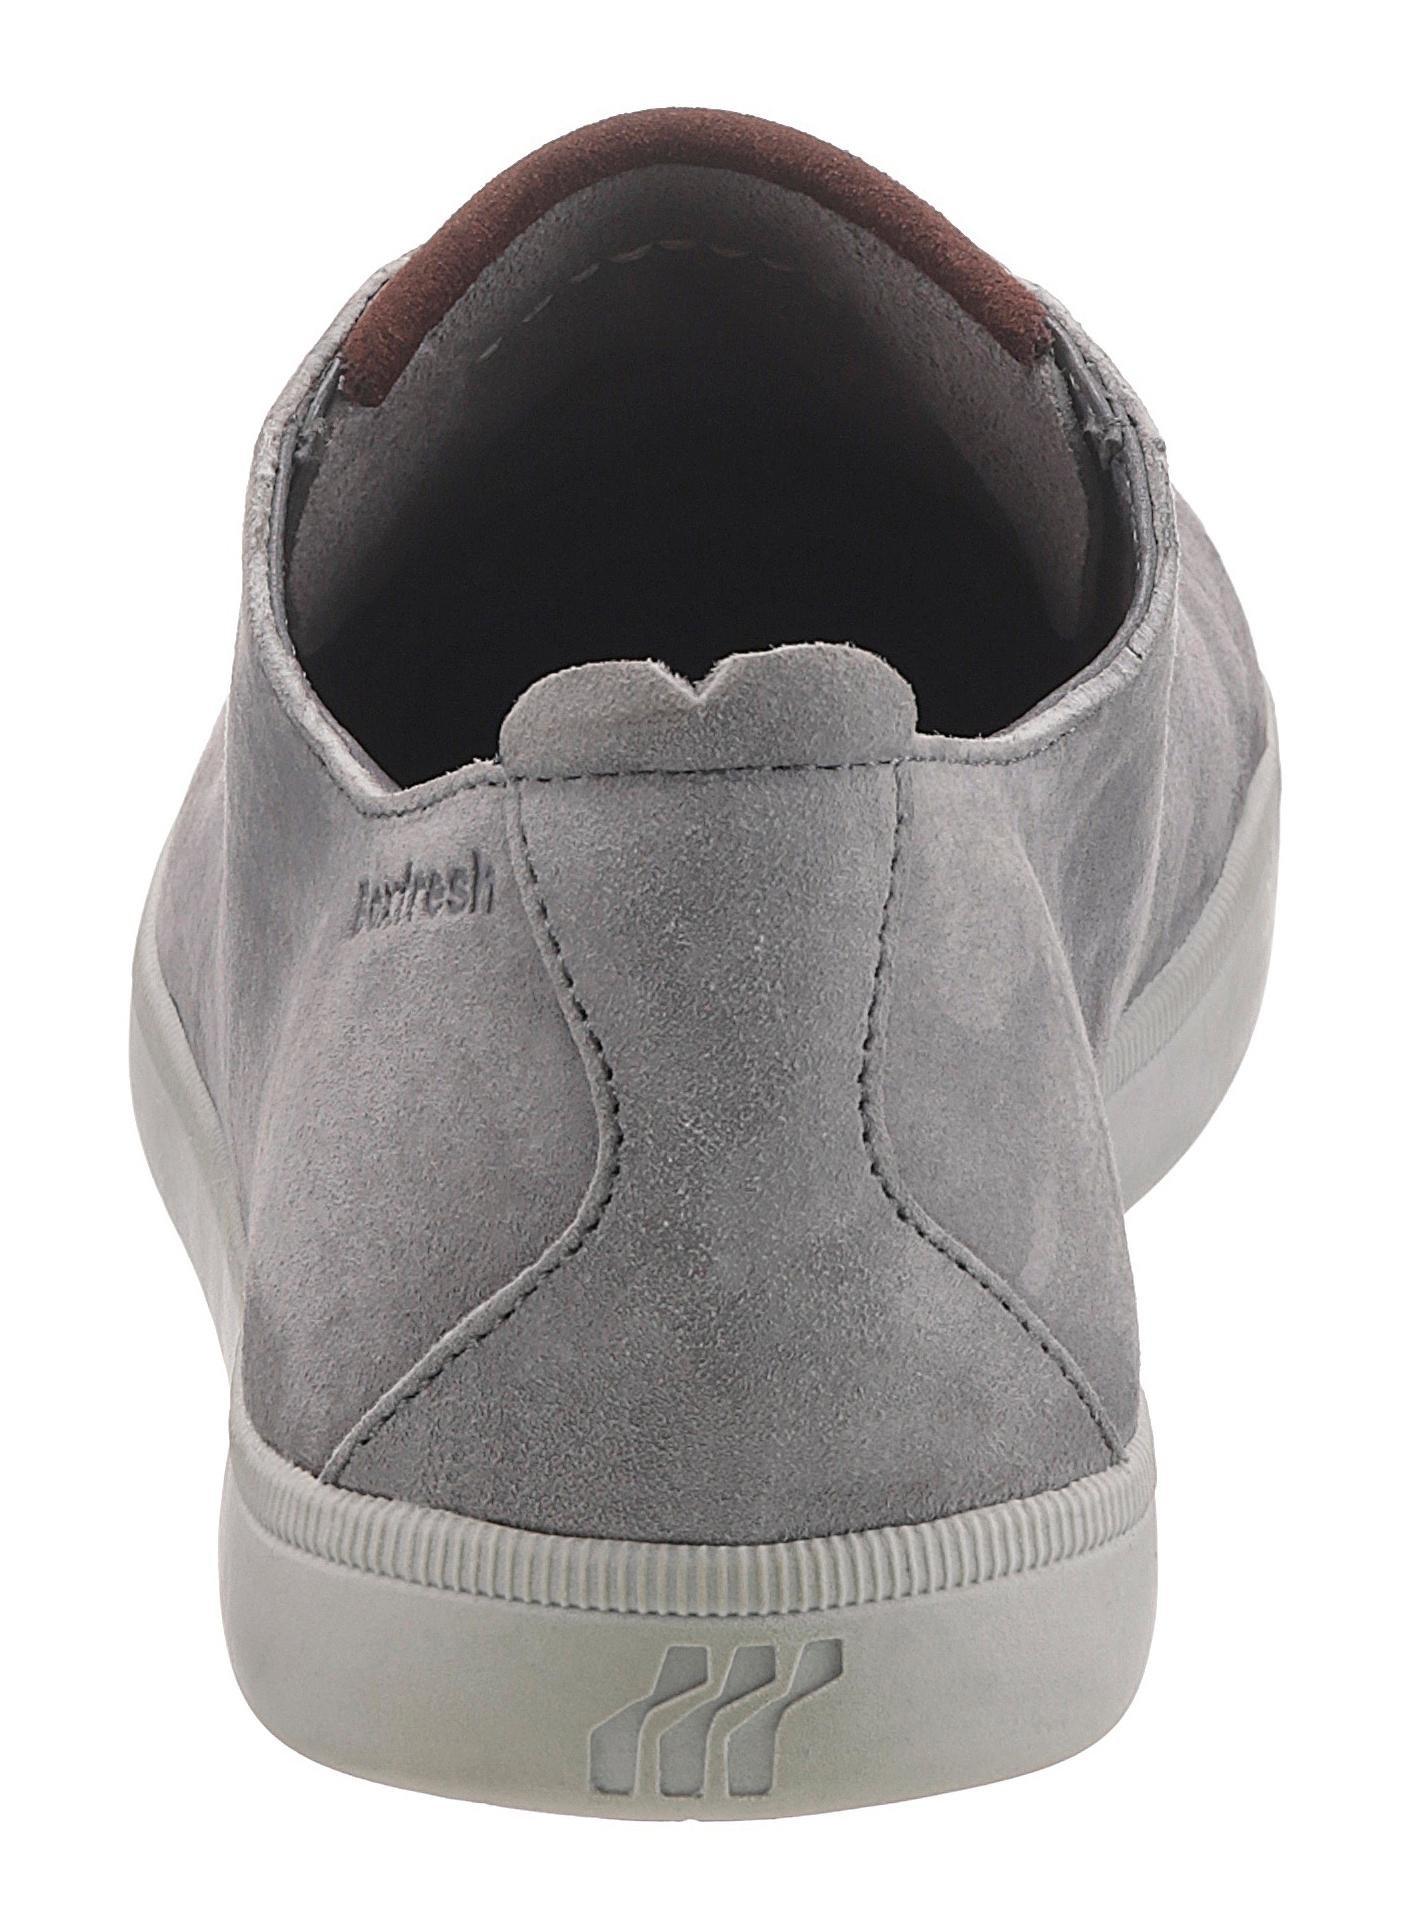 Sneakersianpar Online Boxfresh Bestellen Bestellen Online Sneakersianpar Sneakersianpar Boxfresh Boxfresh Online 1JKTlFc